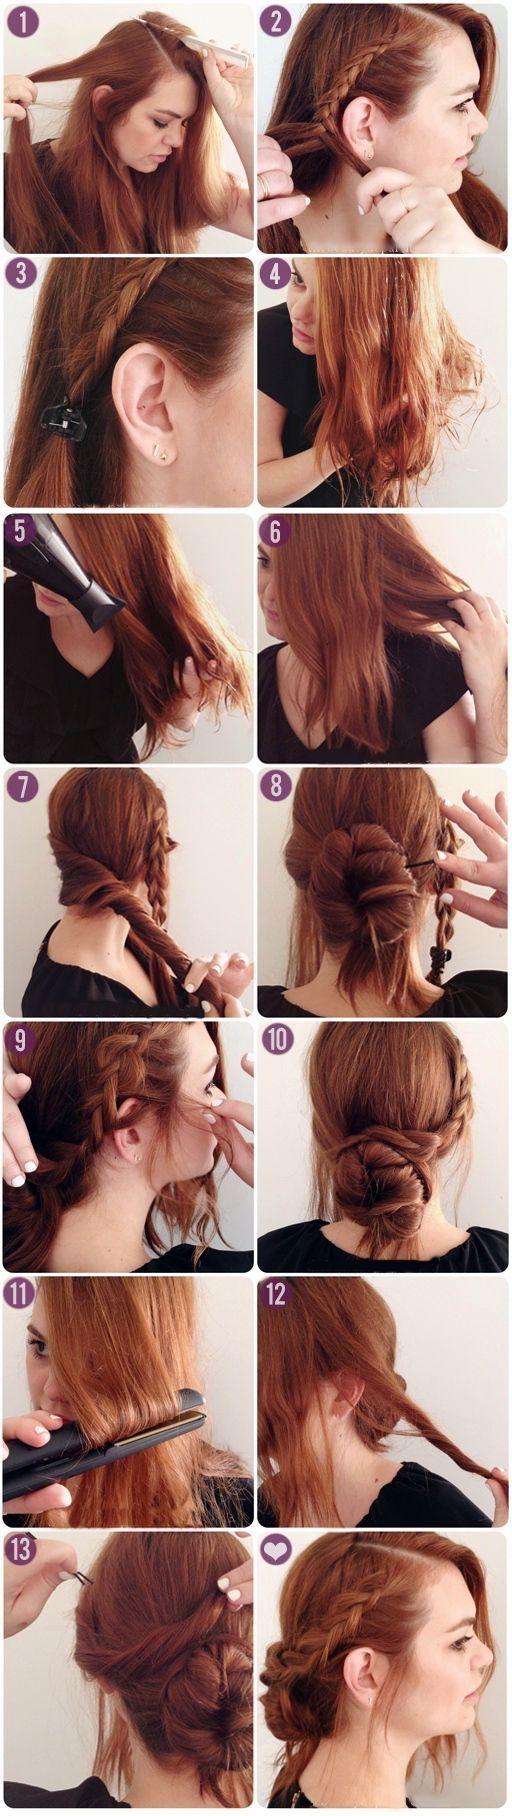 Cómo conseguir un peinados para el instituto Imagen de cortes de pelo consejos - Pin on peinados